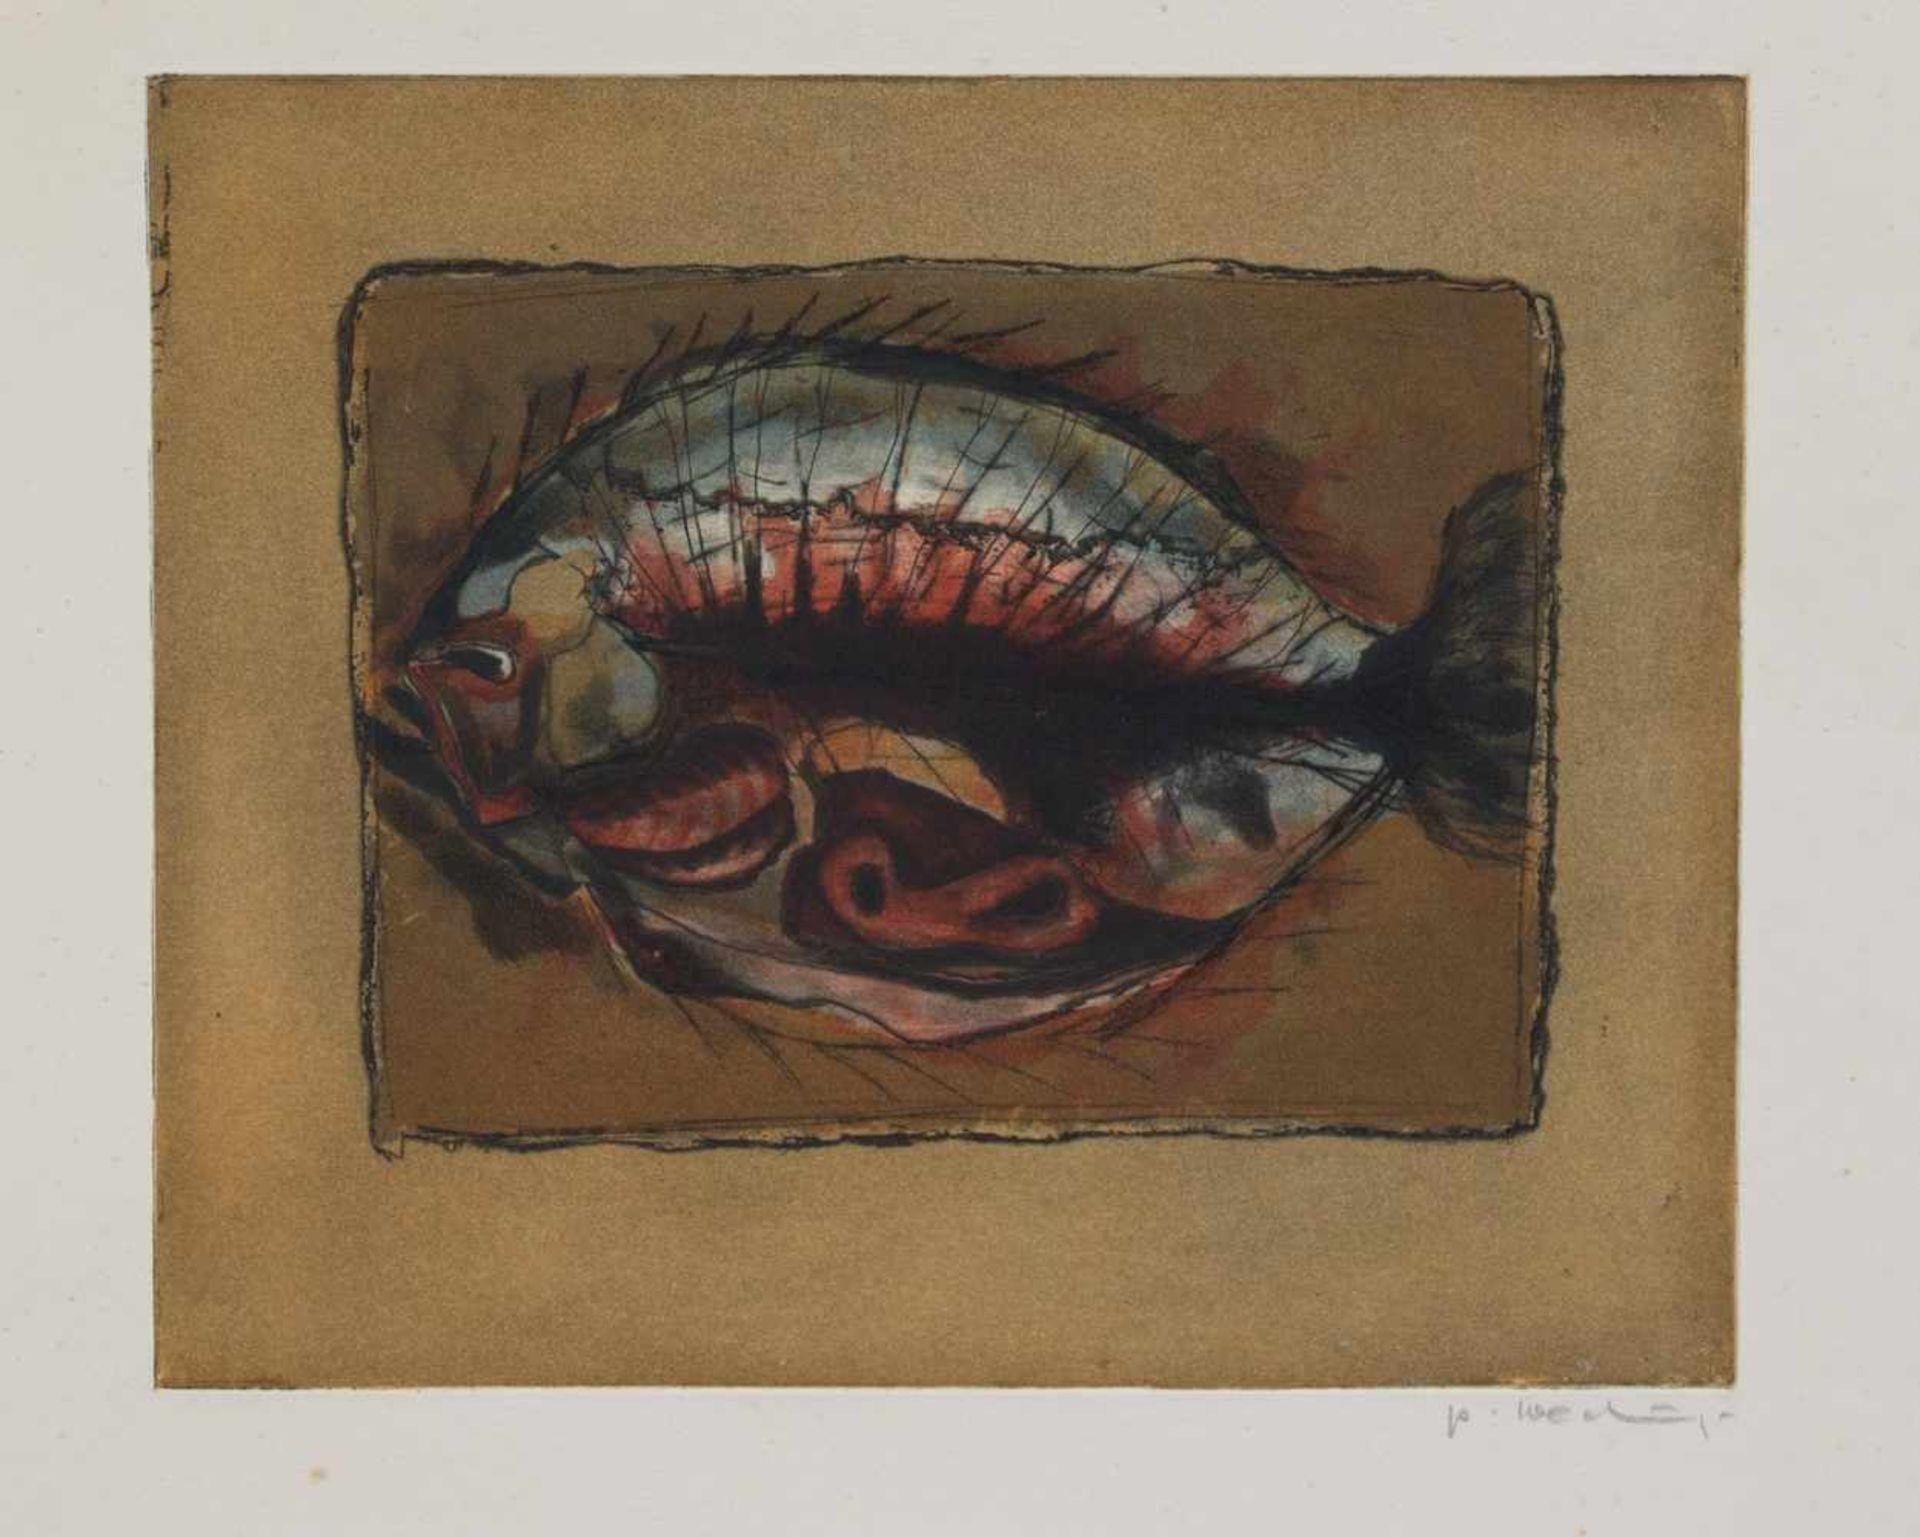 Los 27 - Peter Loeding (Hamburg 1936 - 2013 ebenda, deutscher Maler, Grafiker u. Zeichner, Std. d.